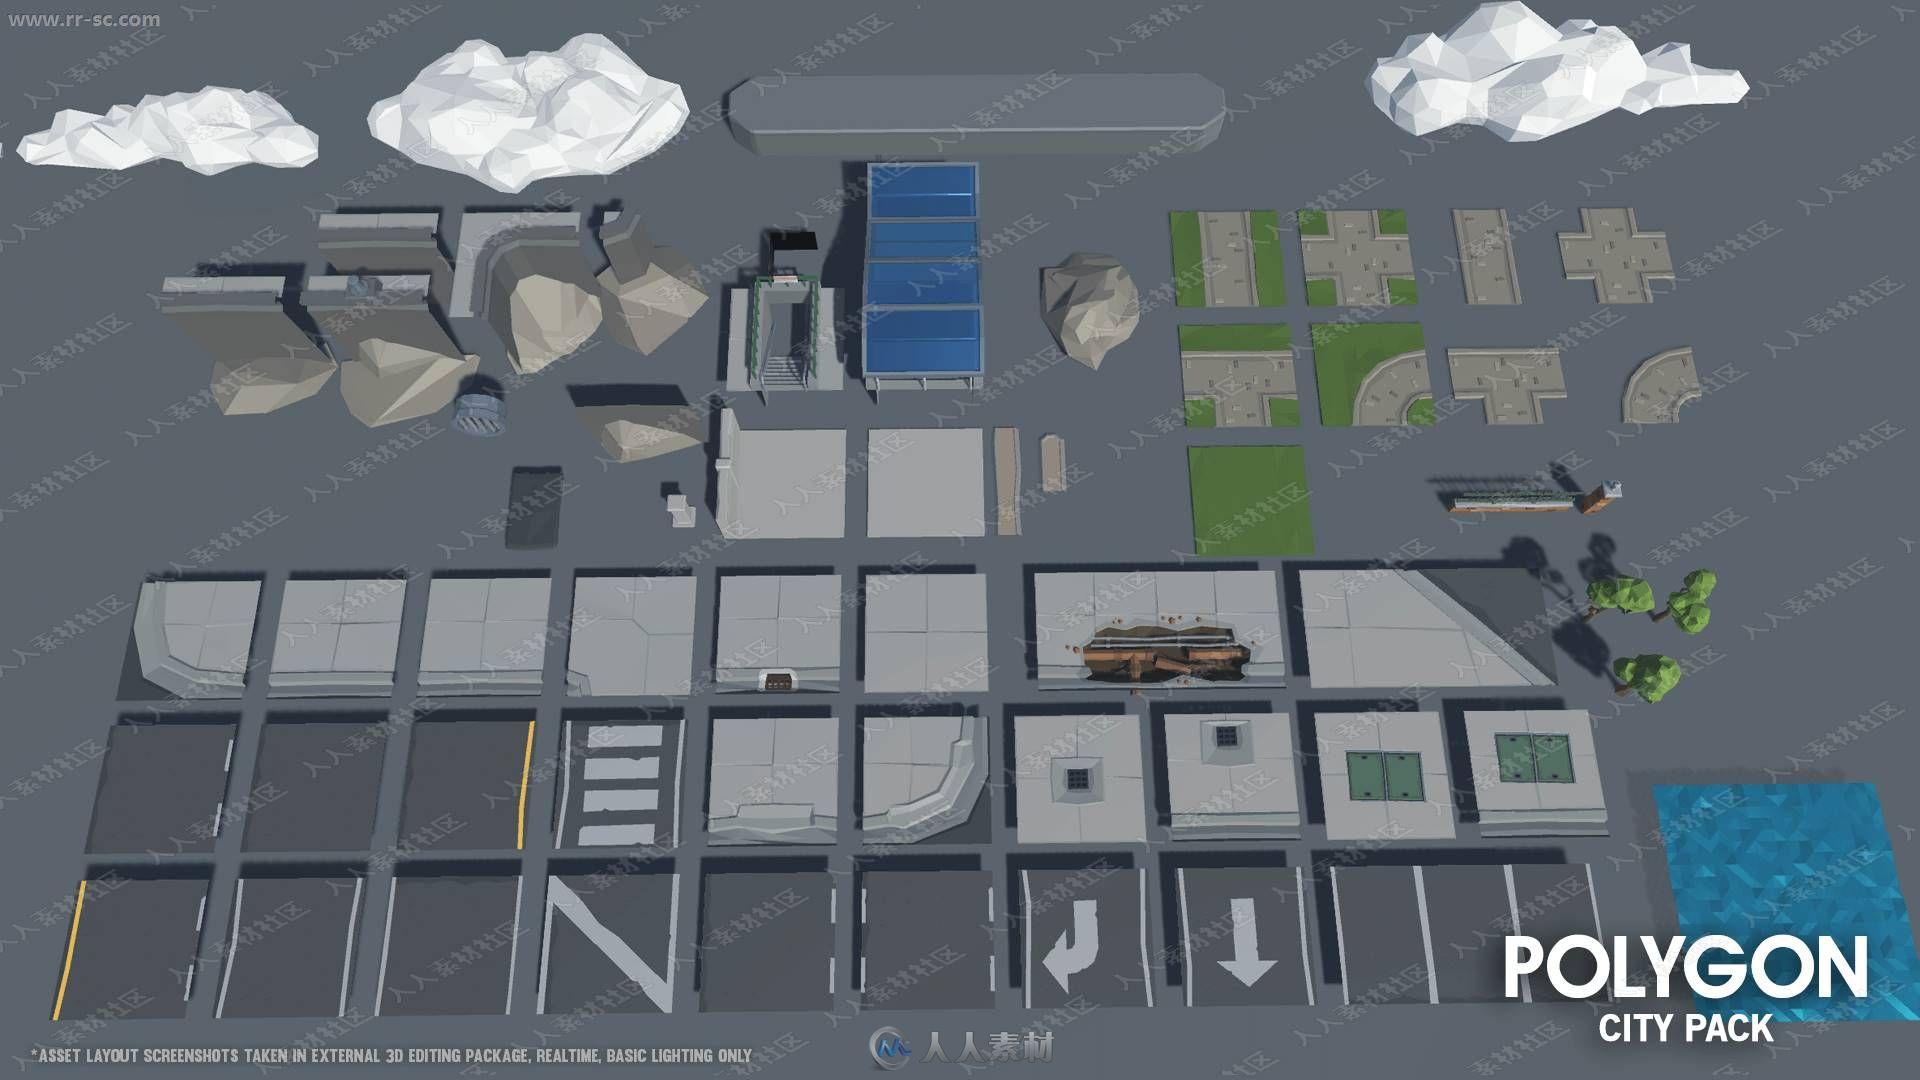 繁华城市人物角色商铺住宅环境设施3D模型UE4游戏素材资源